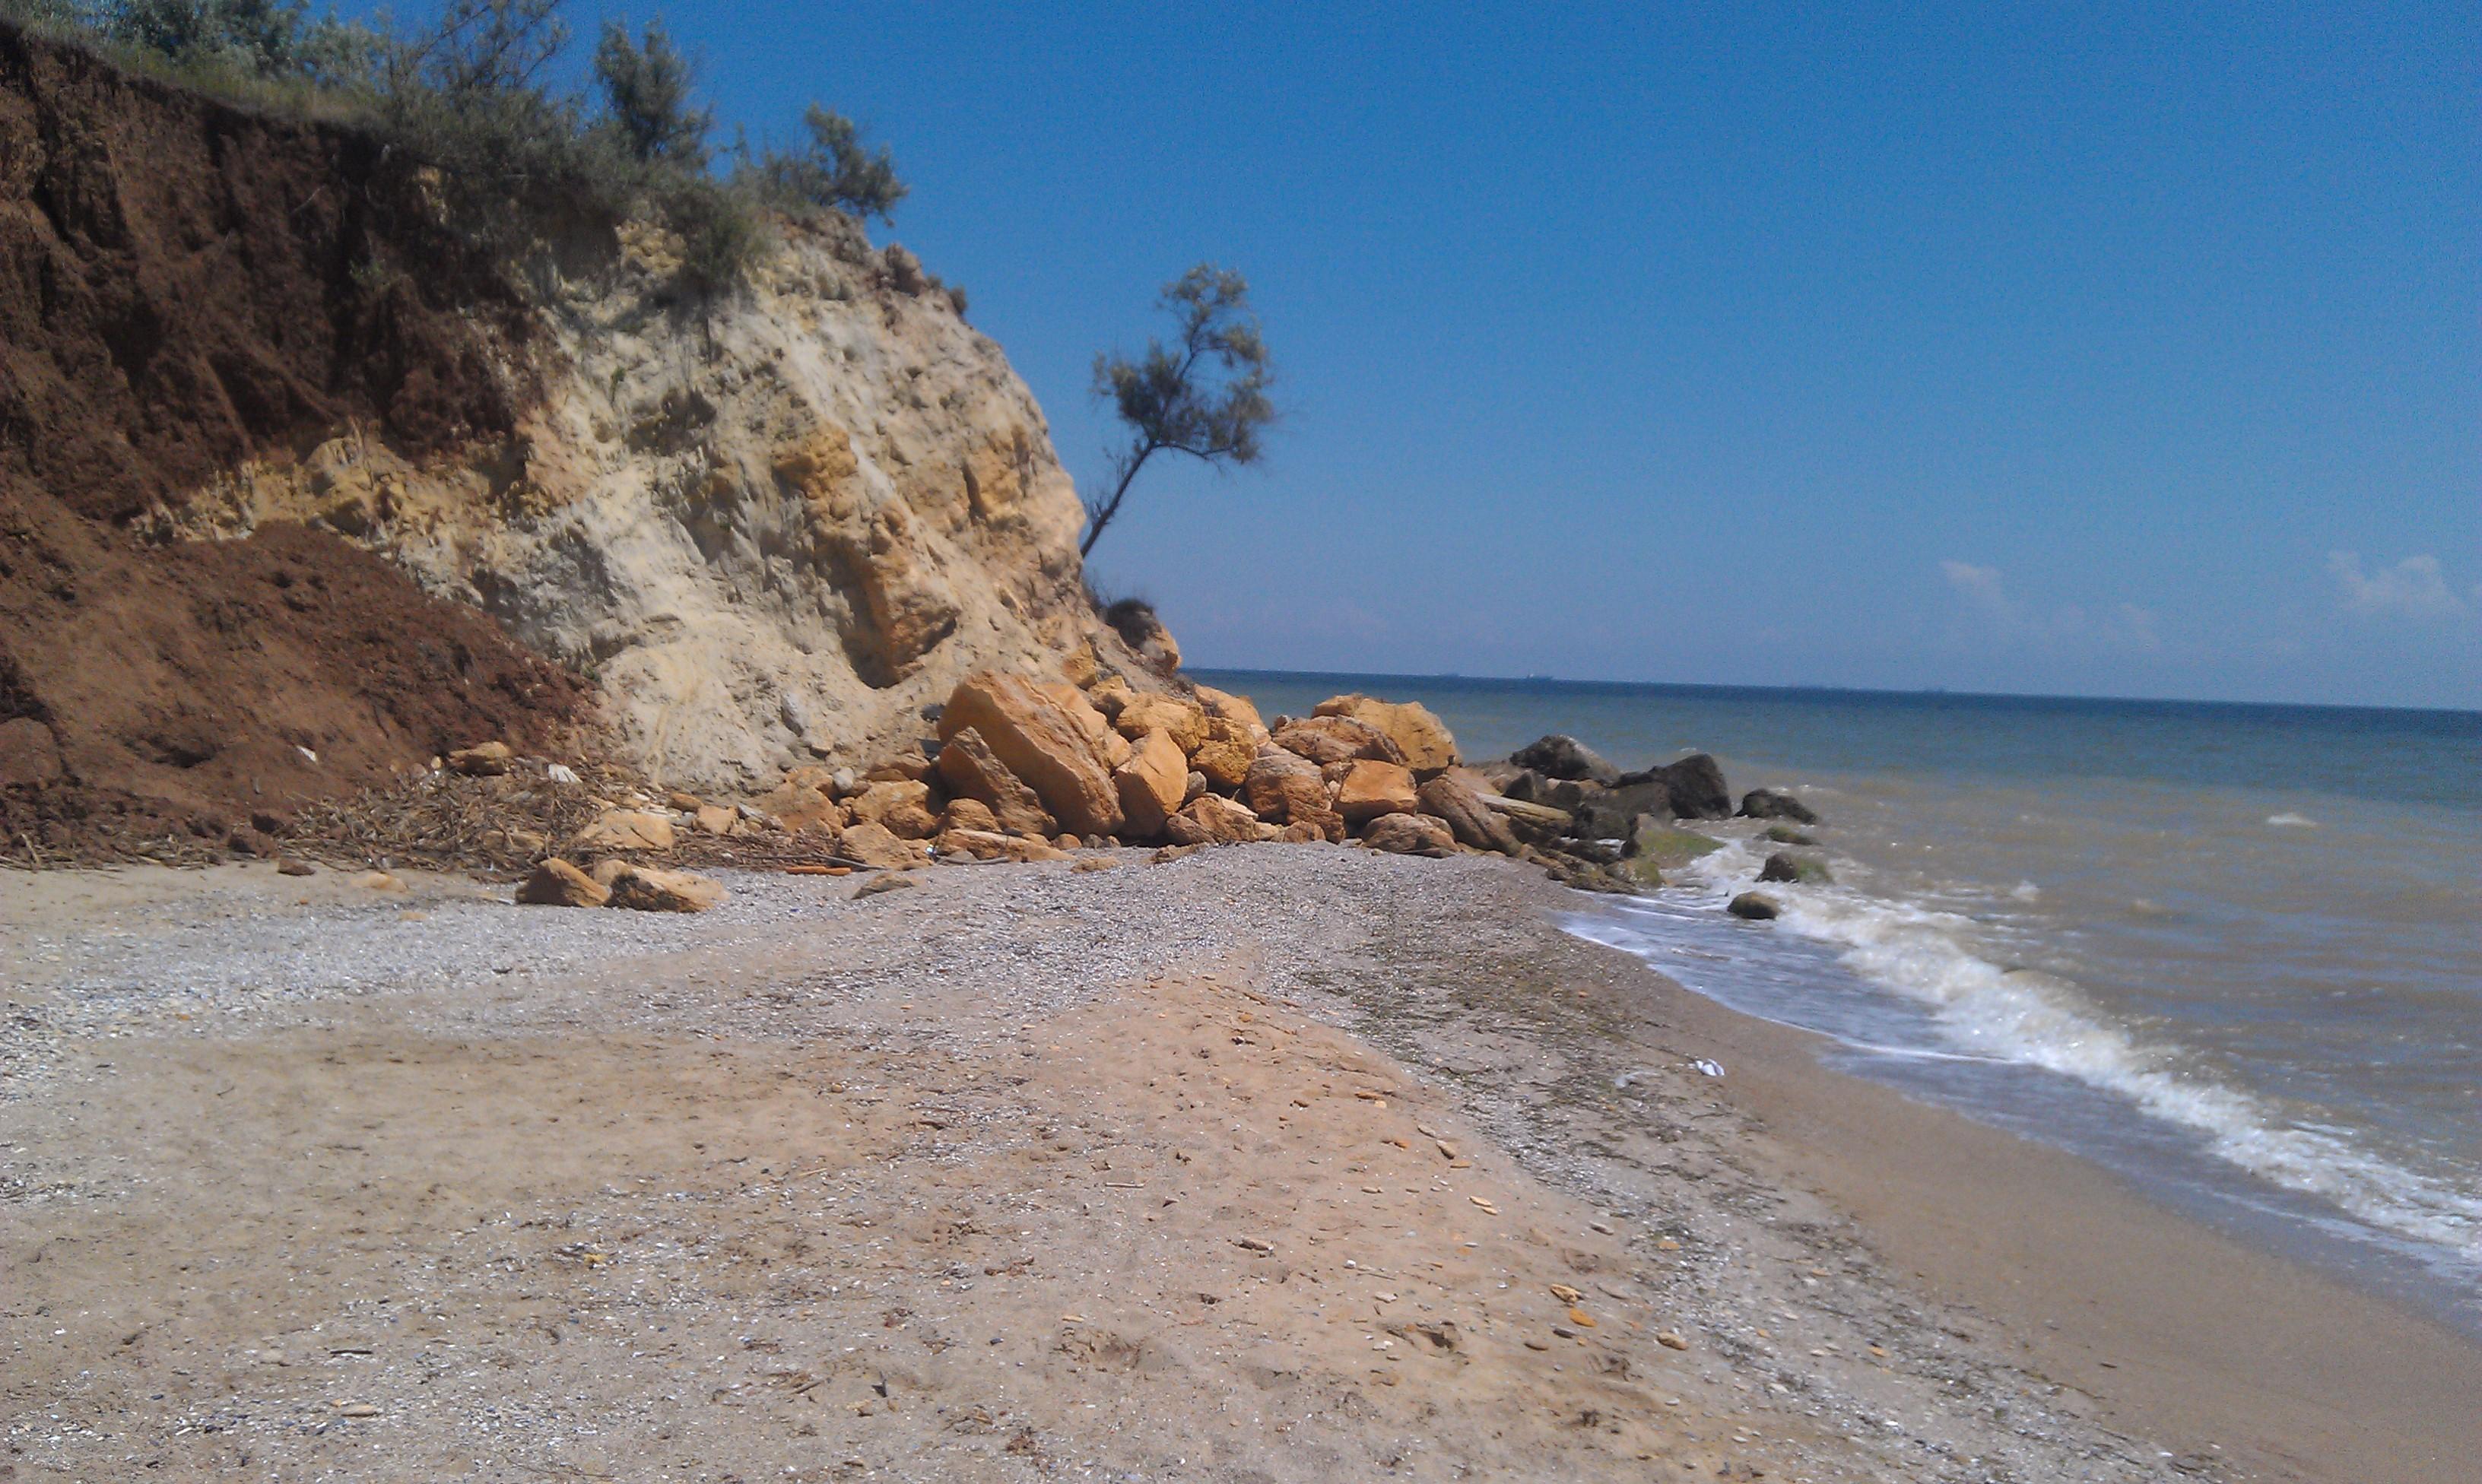 Фото дикий пляж 16 фотография